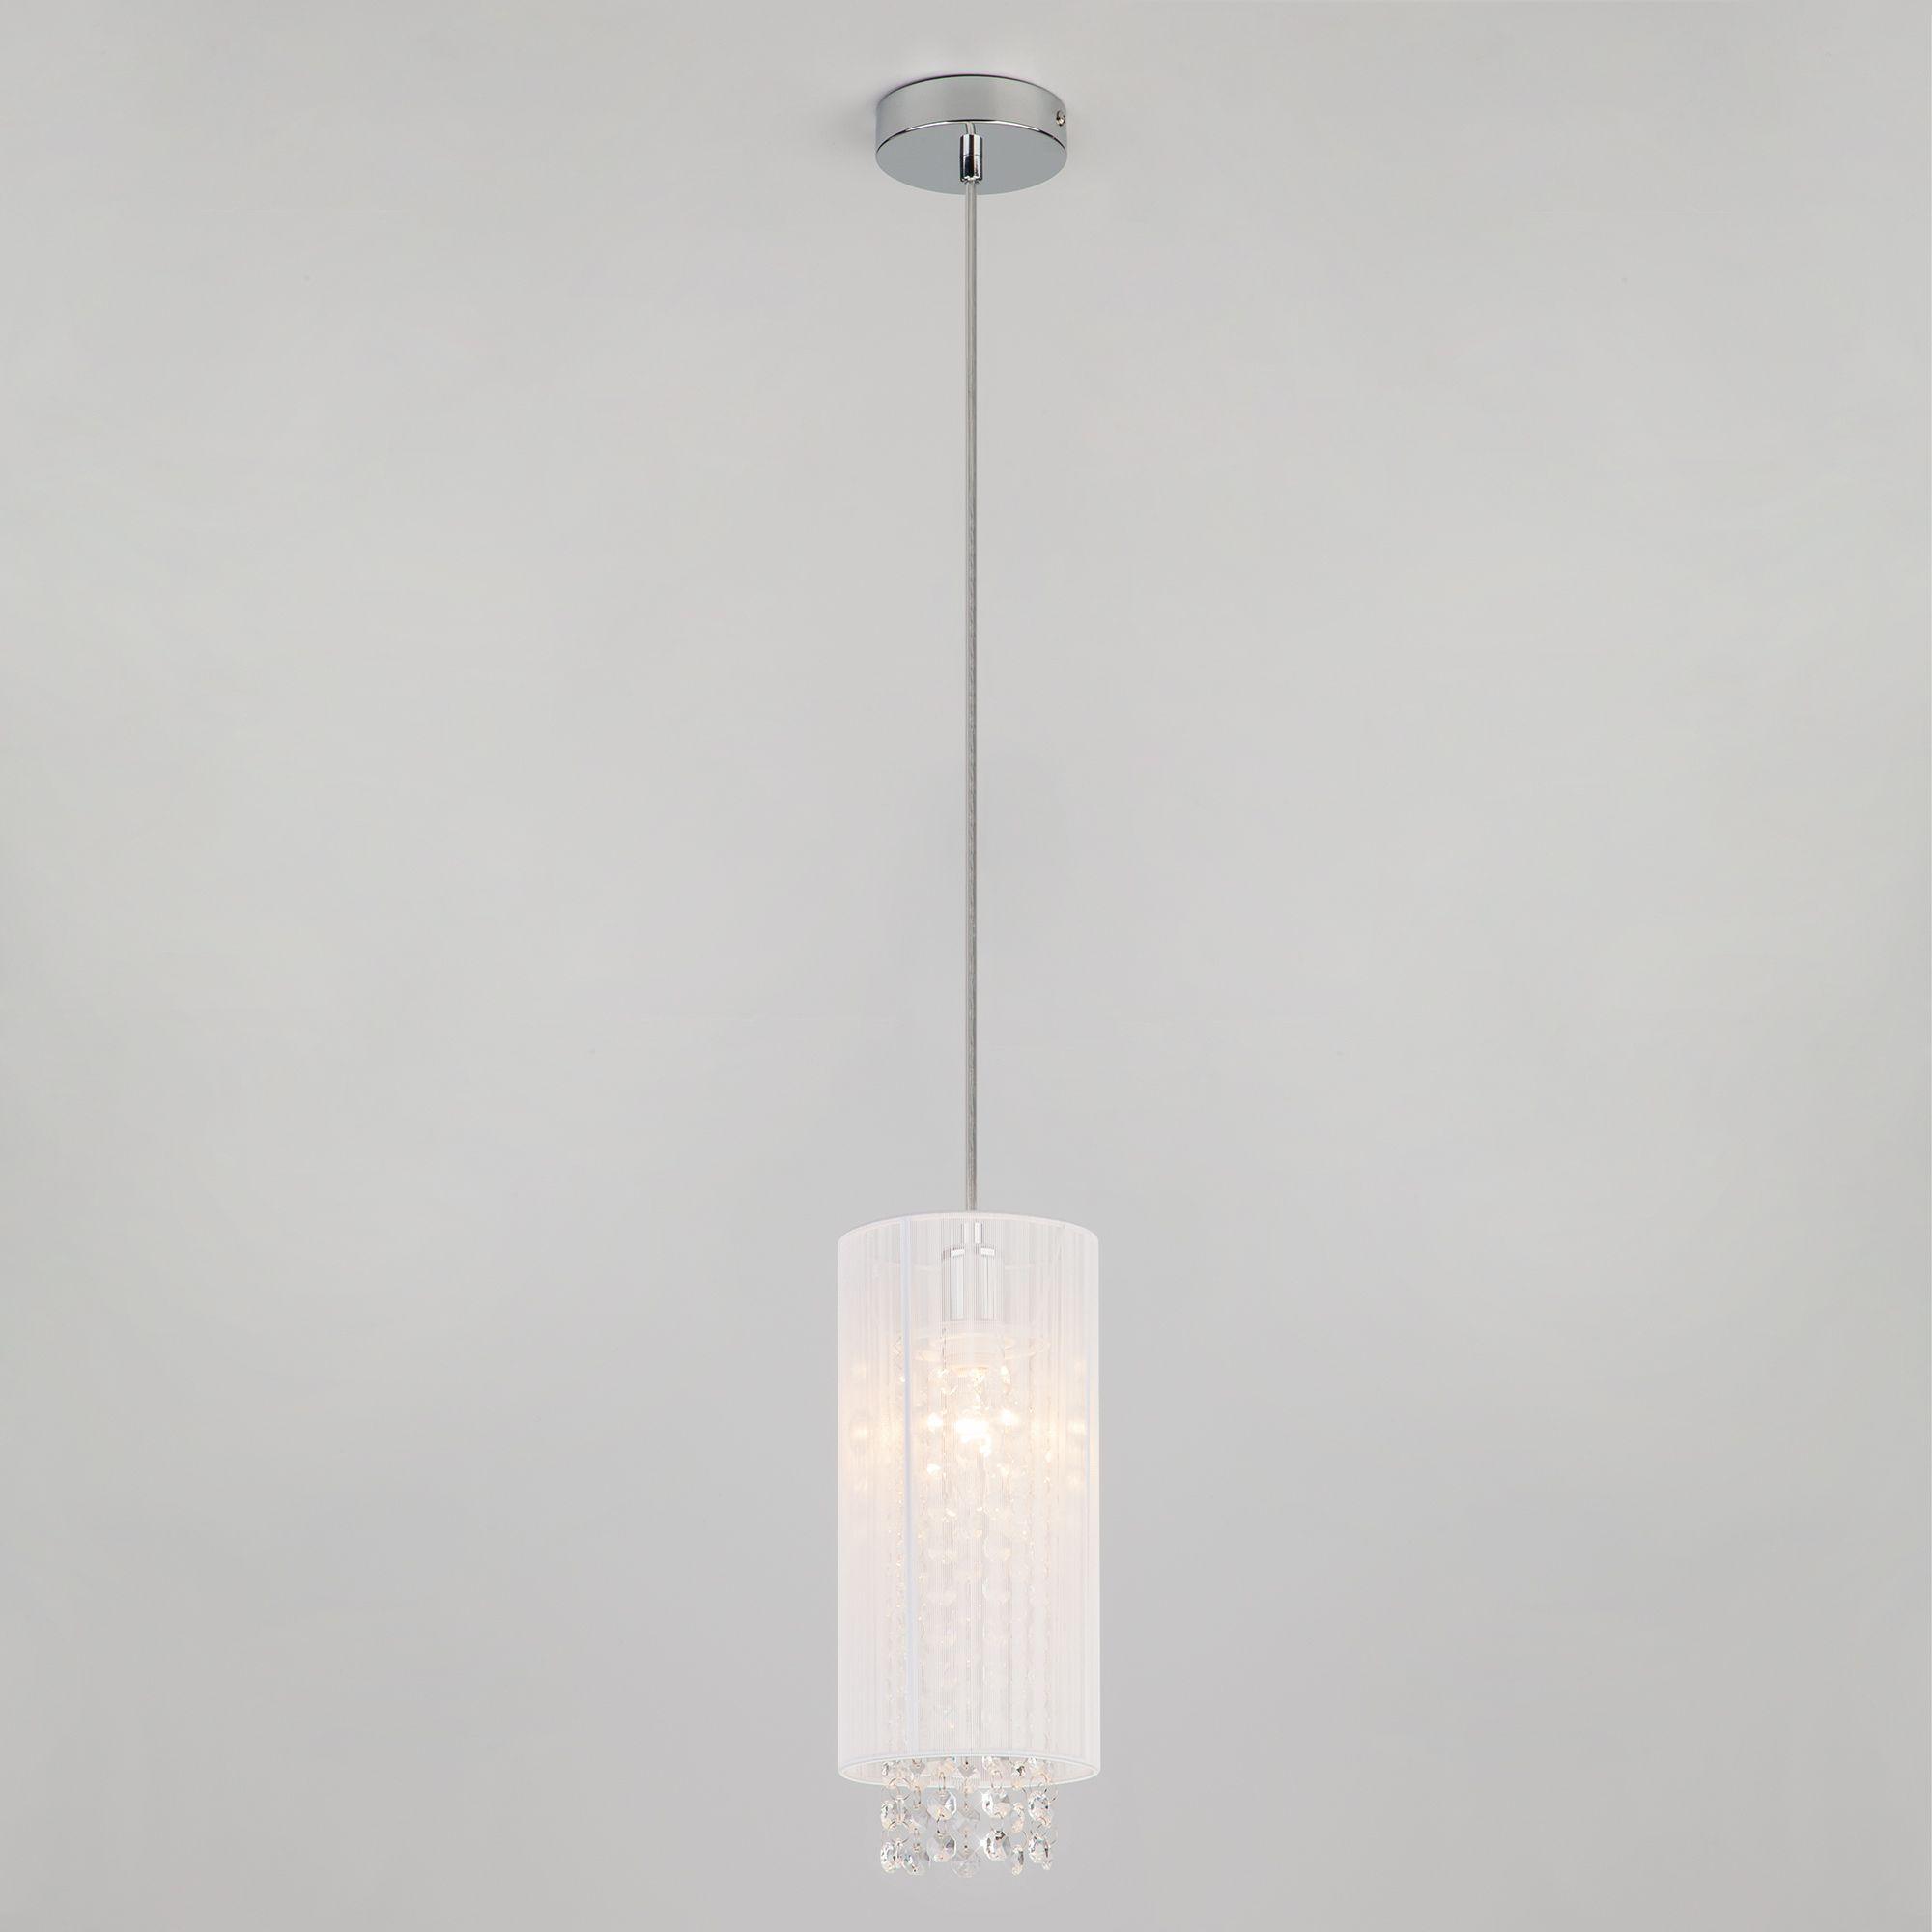 Подвесной светильник с хрусталем 1188/1 хром ...